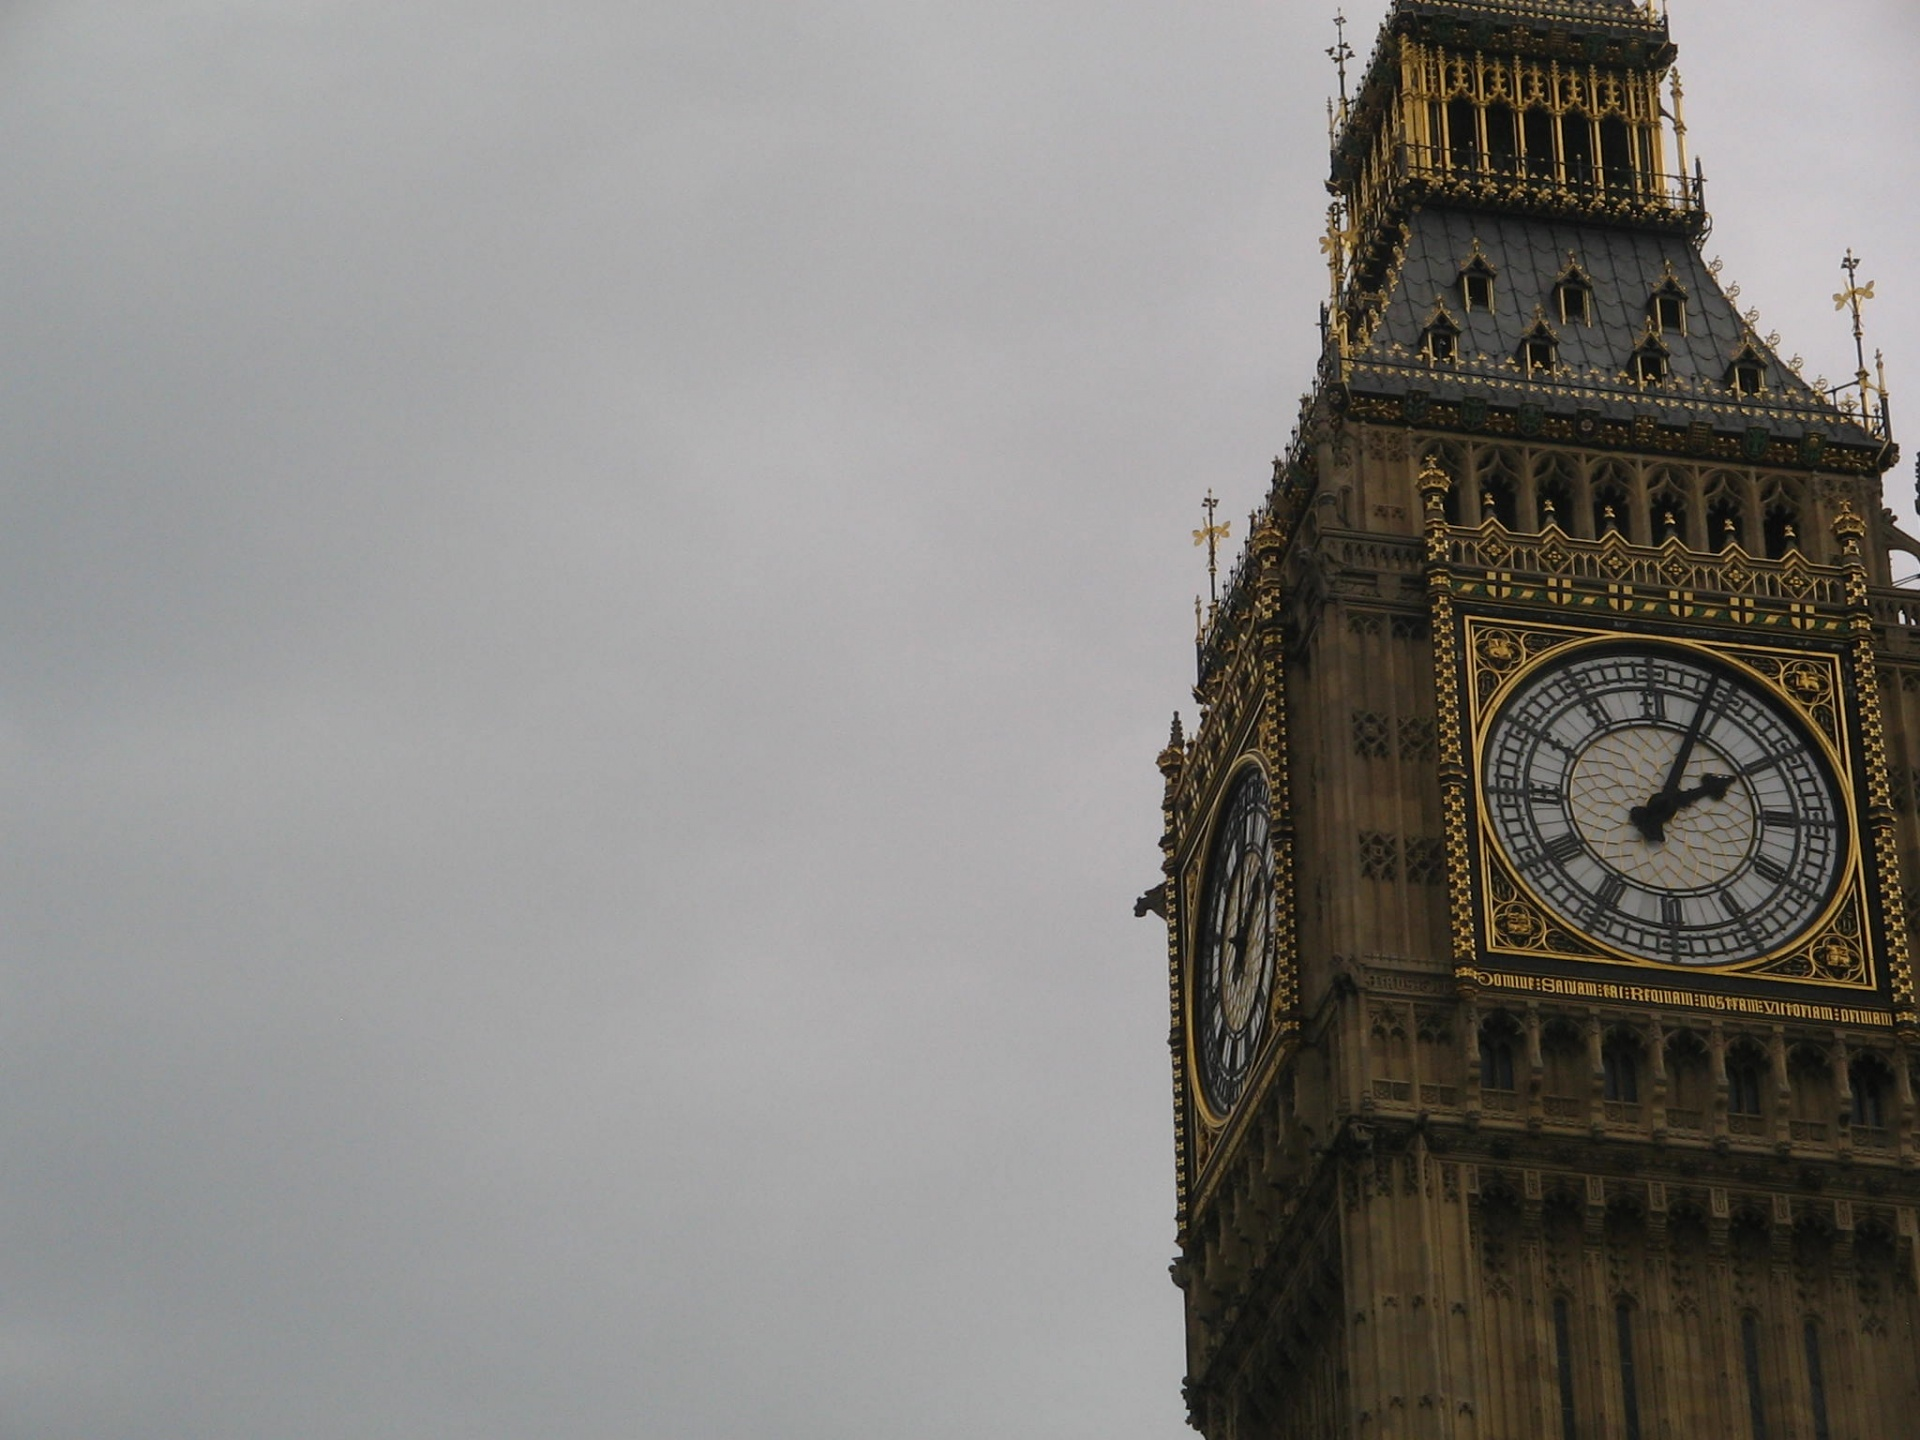 15 Hd Big Ben Clock Tower Wallpapers